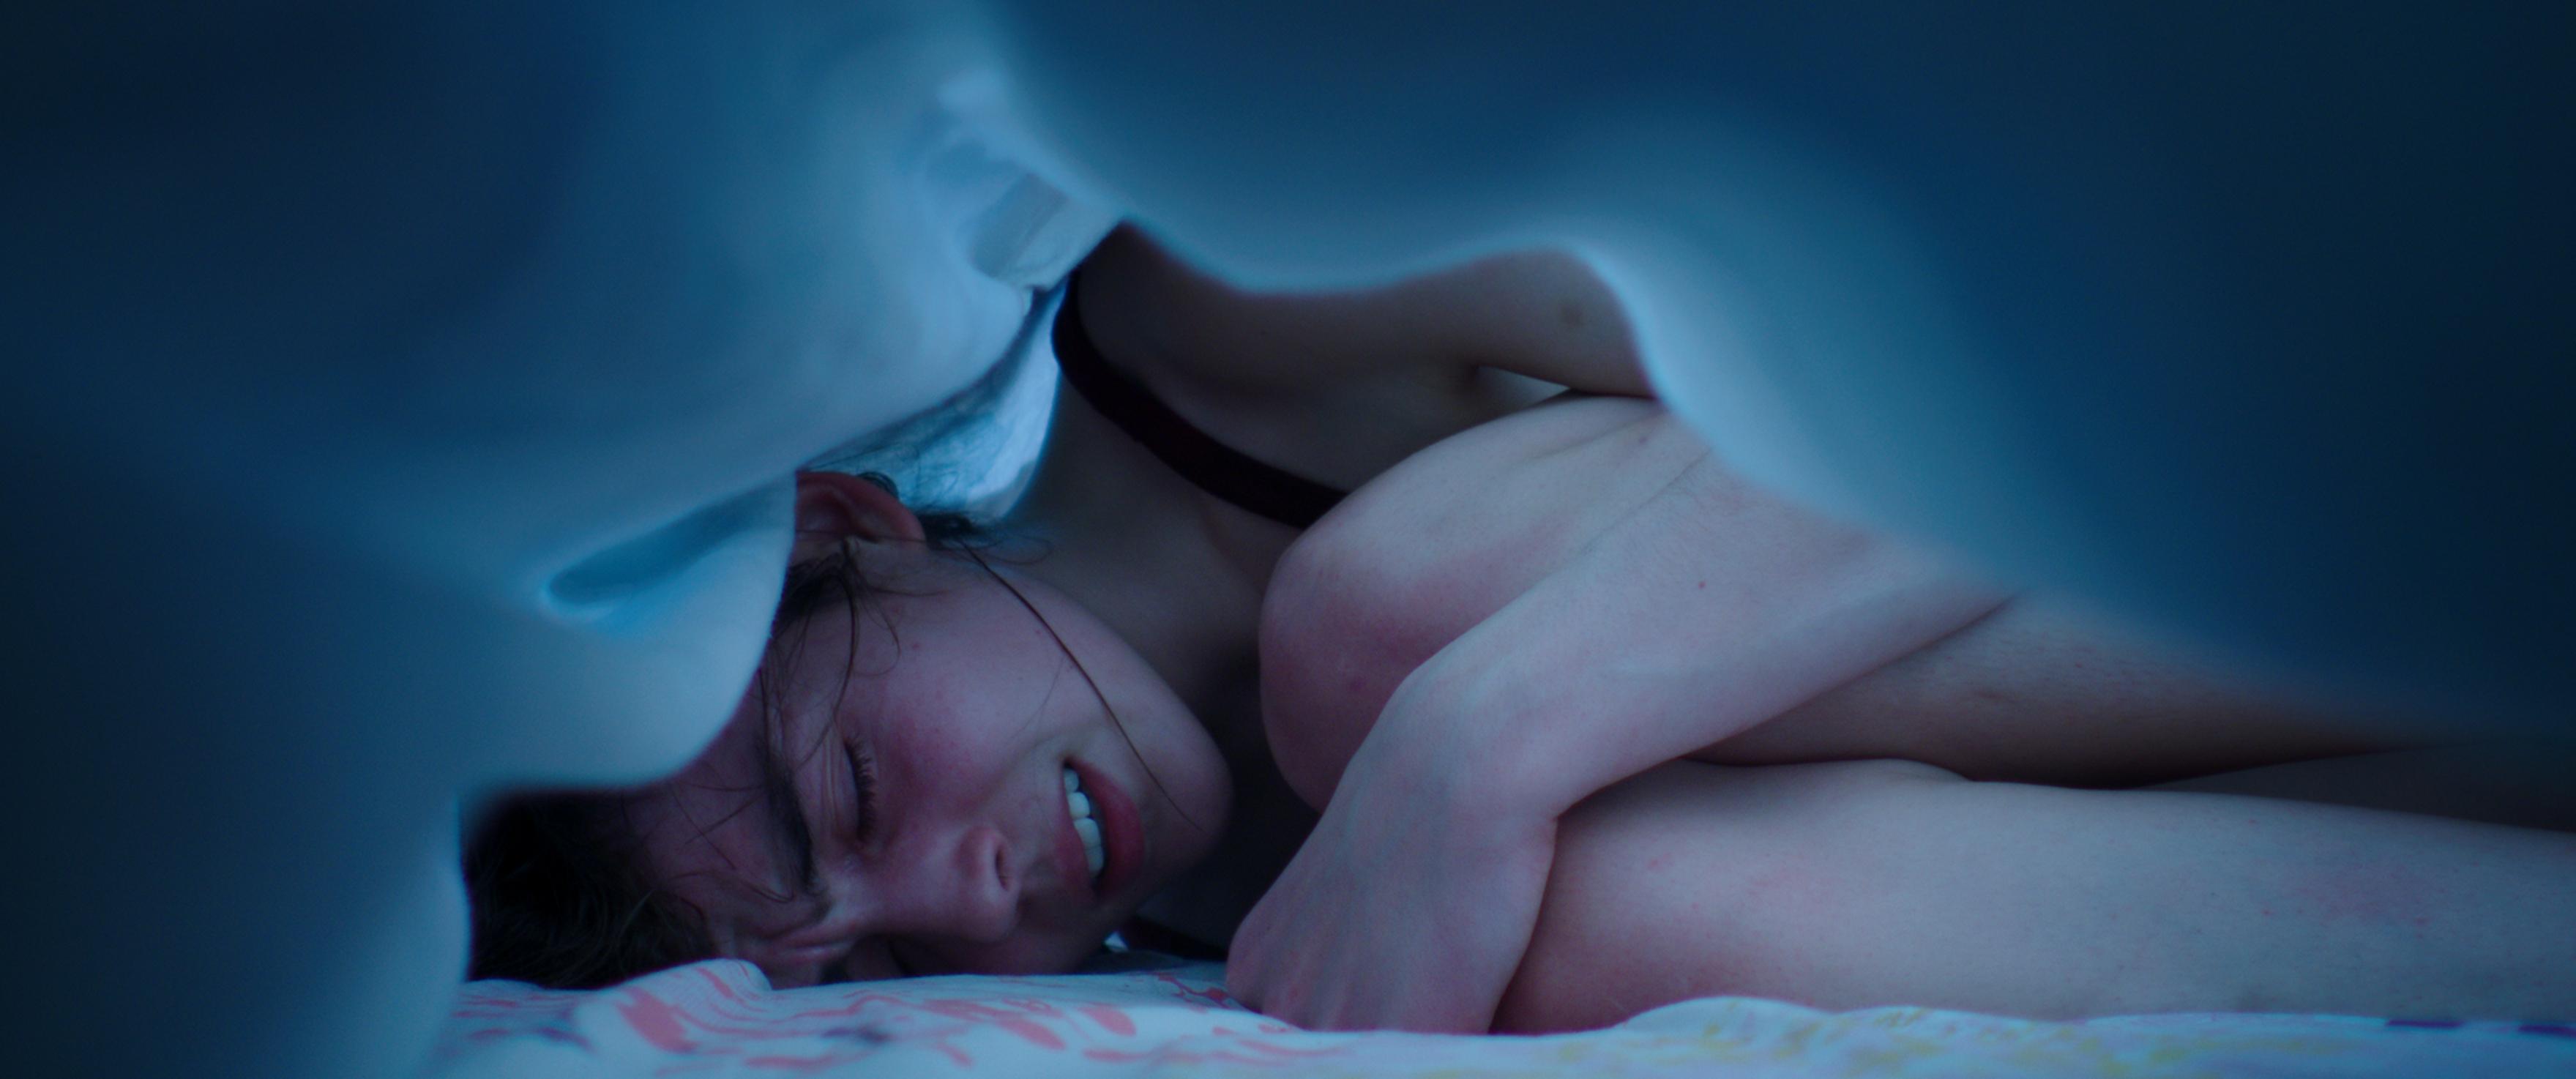 suomalaista amatööri seksiä sex kuvia